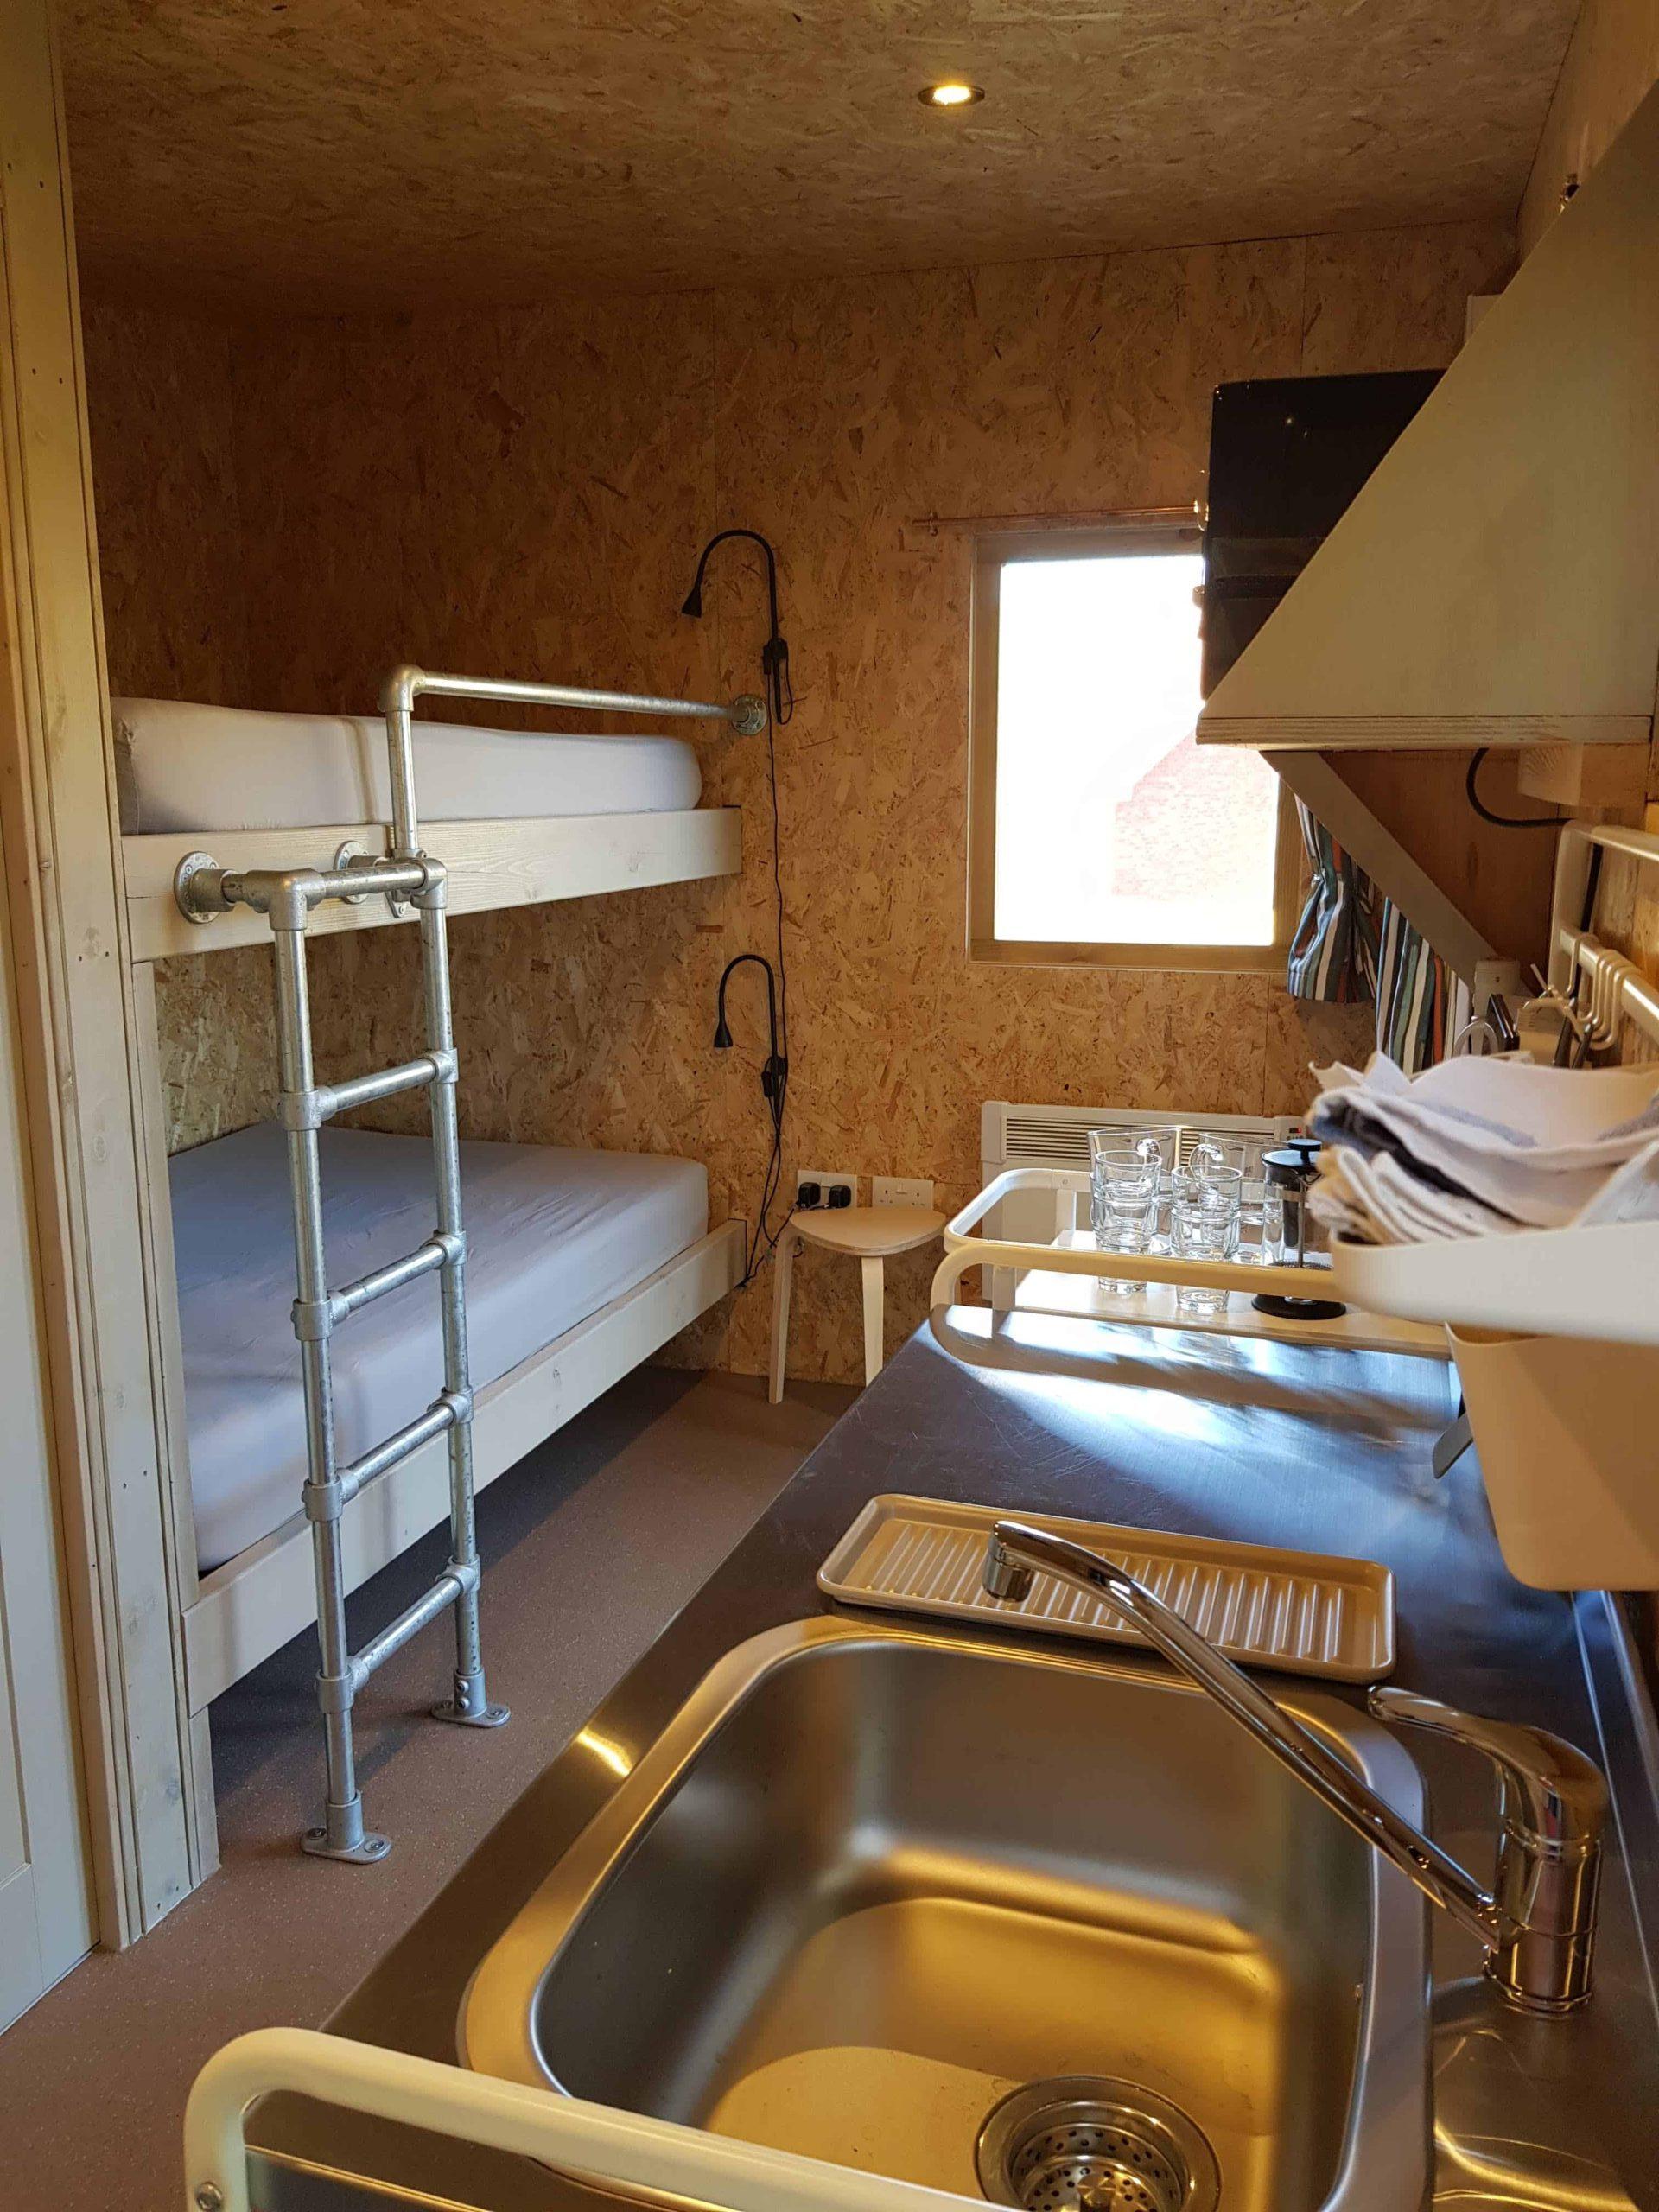 Cabin bunk bed, ladder, kitchenette, window